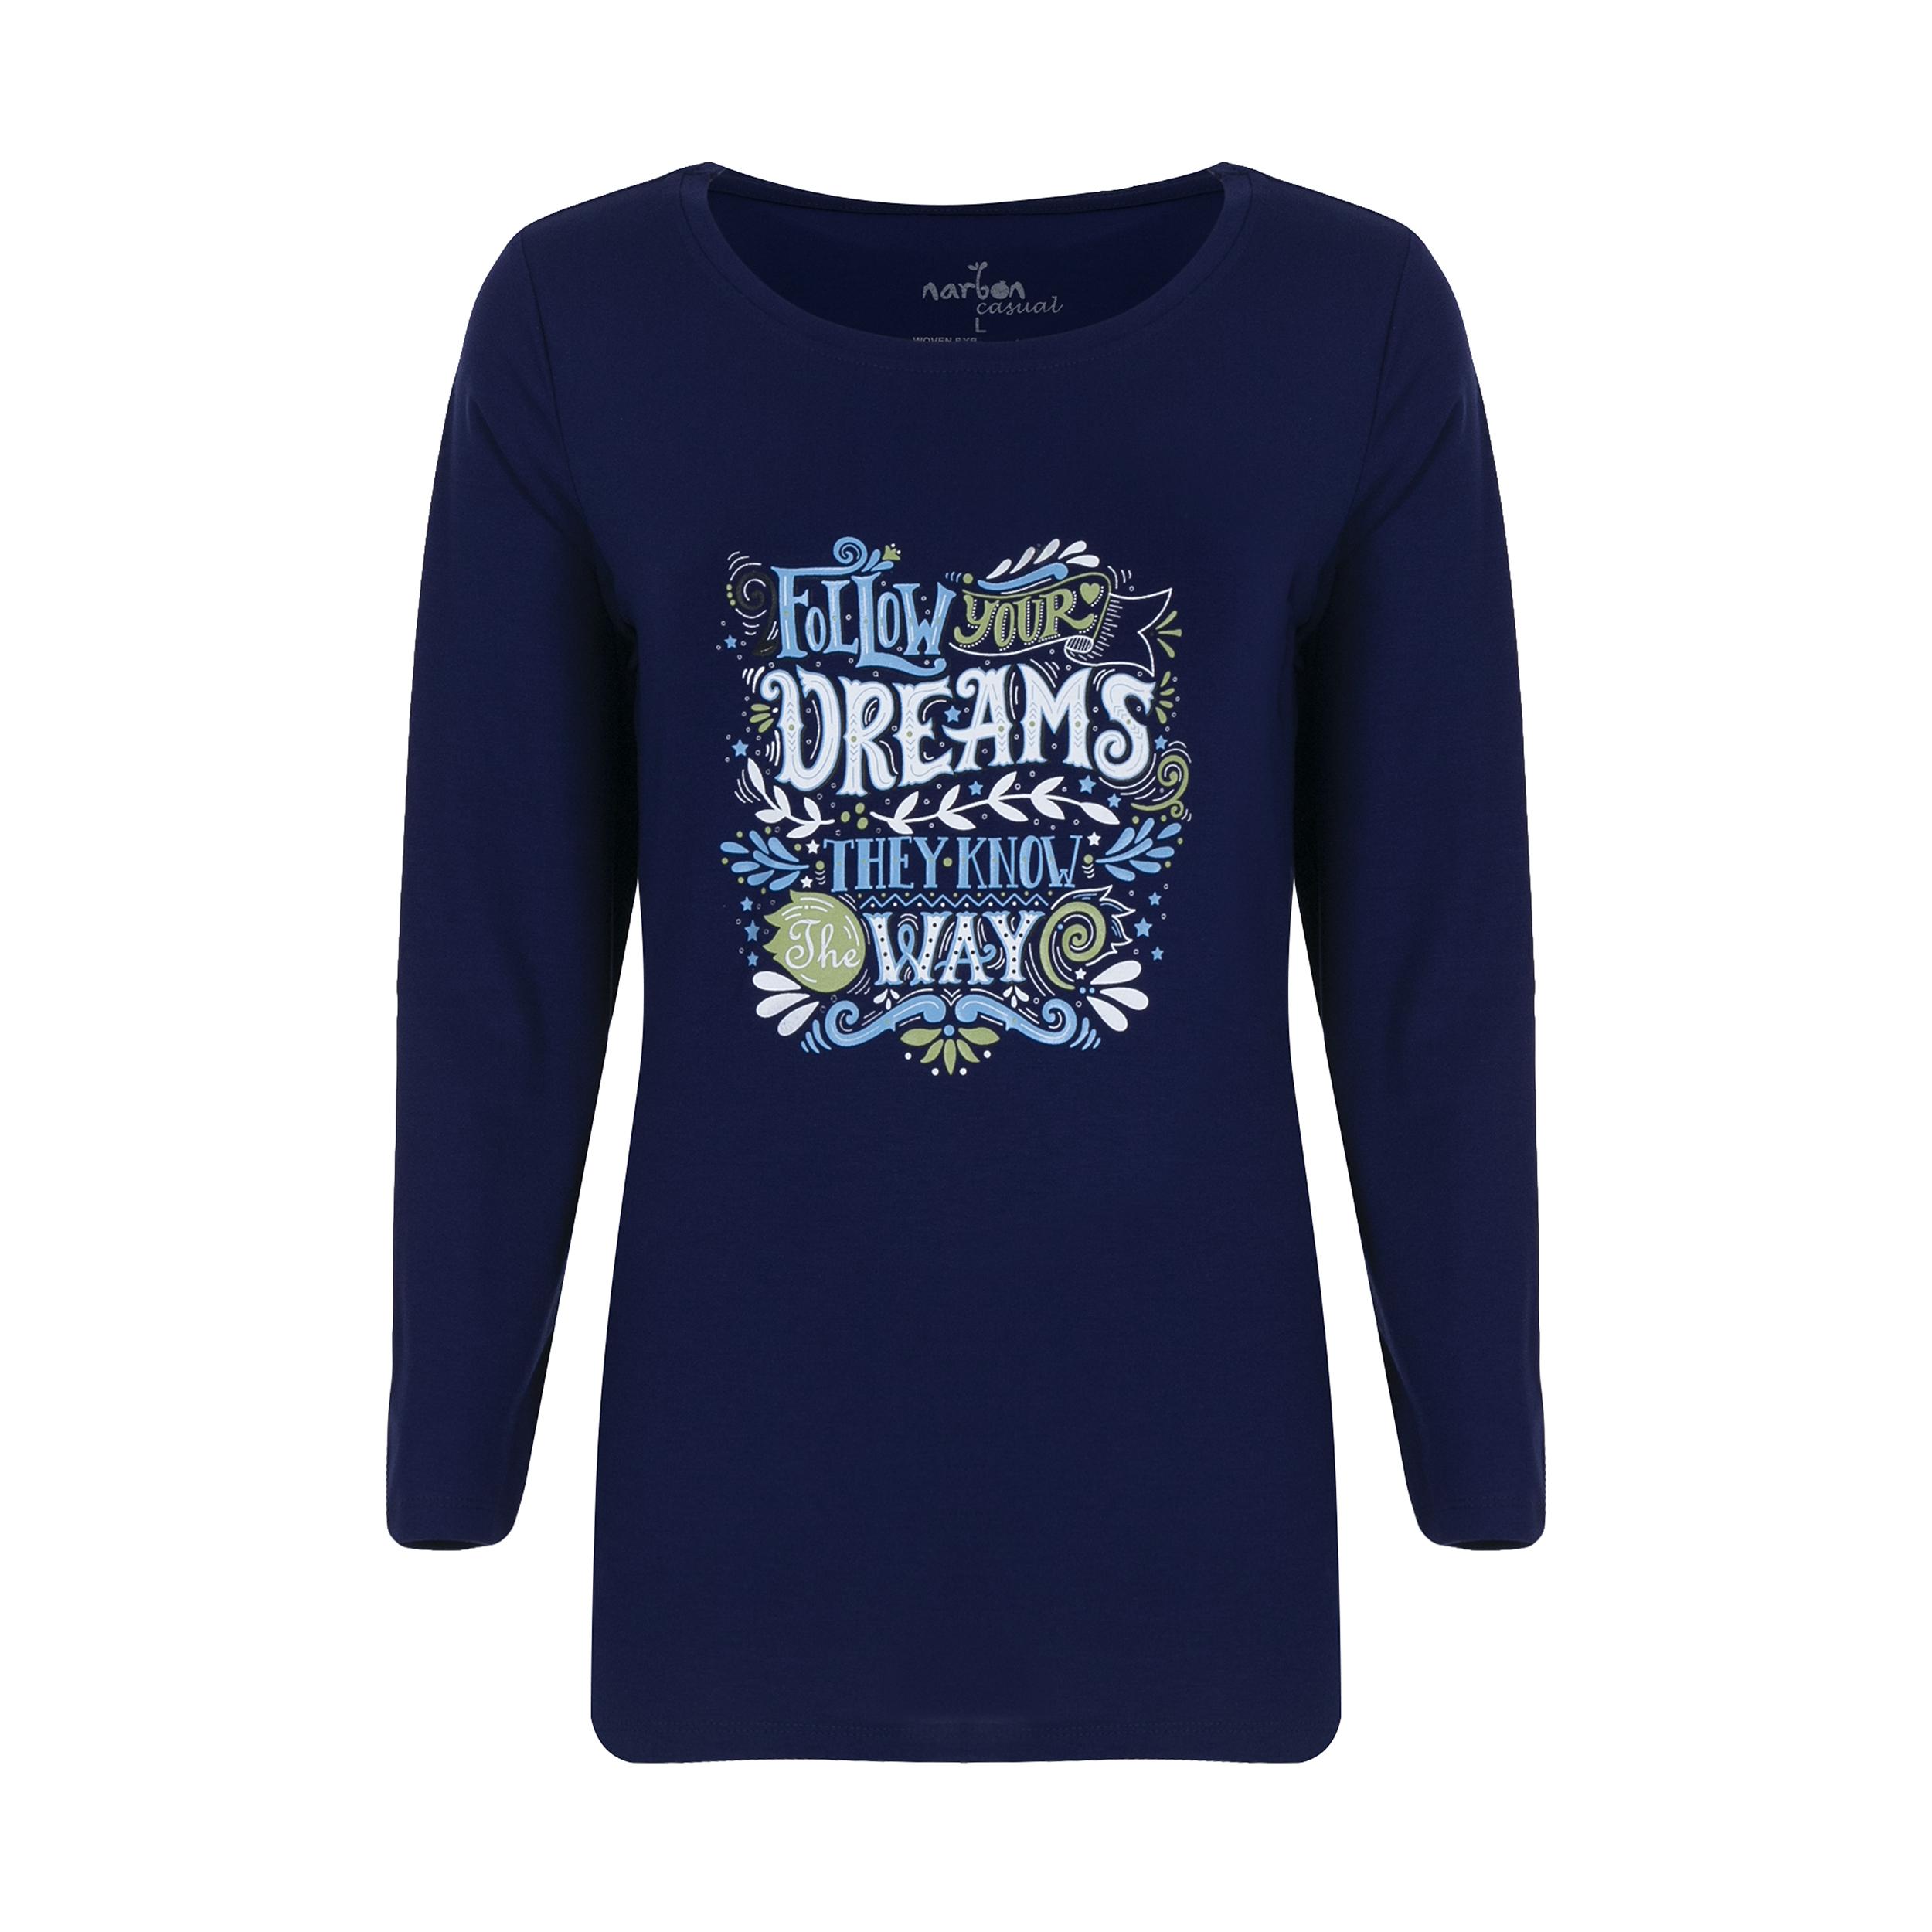 تی شرت زنانه ناربن مدل 1521249-59